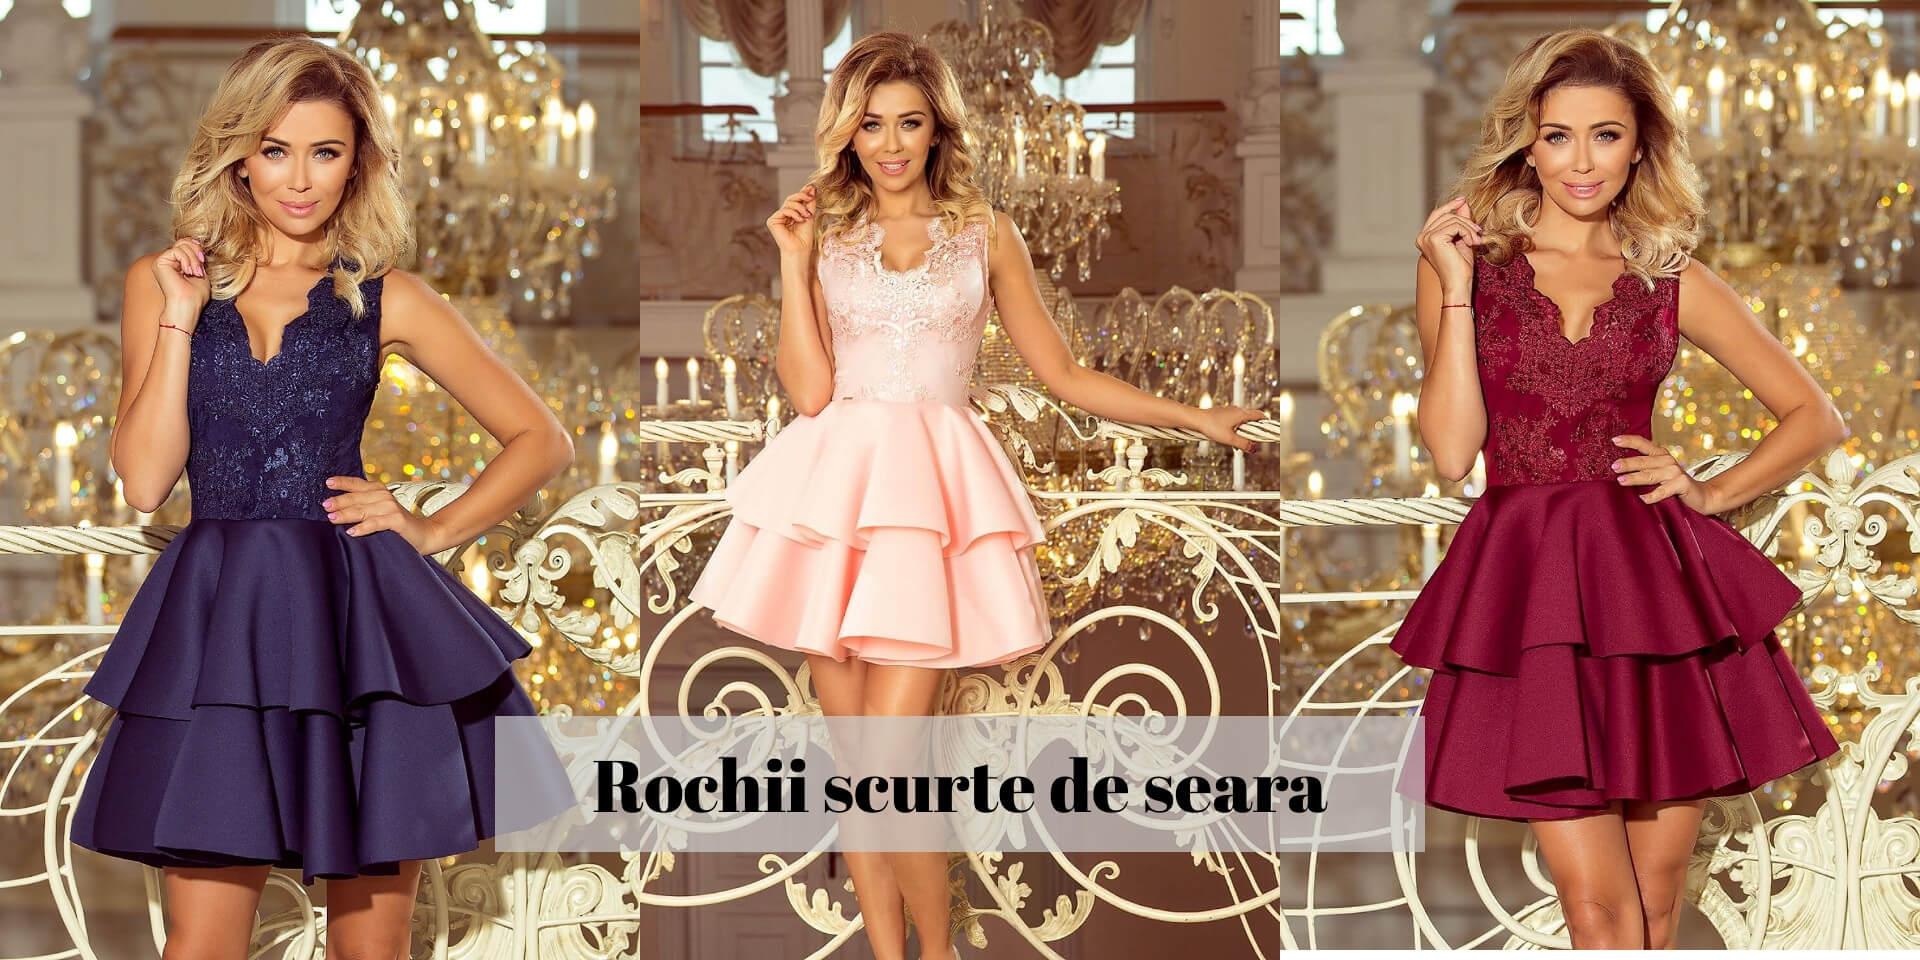 Rochii scurte de seara elegante